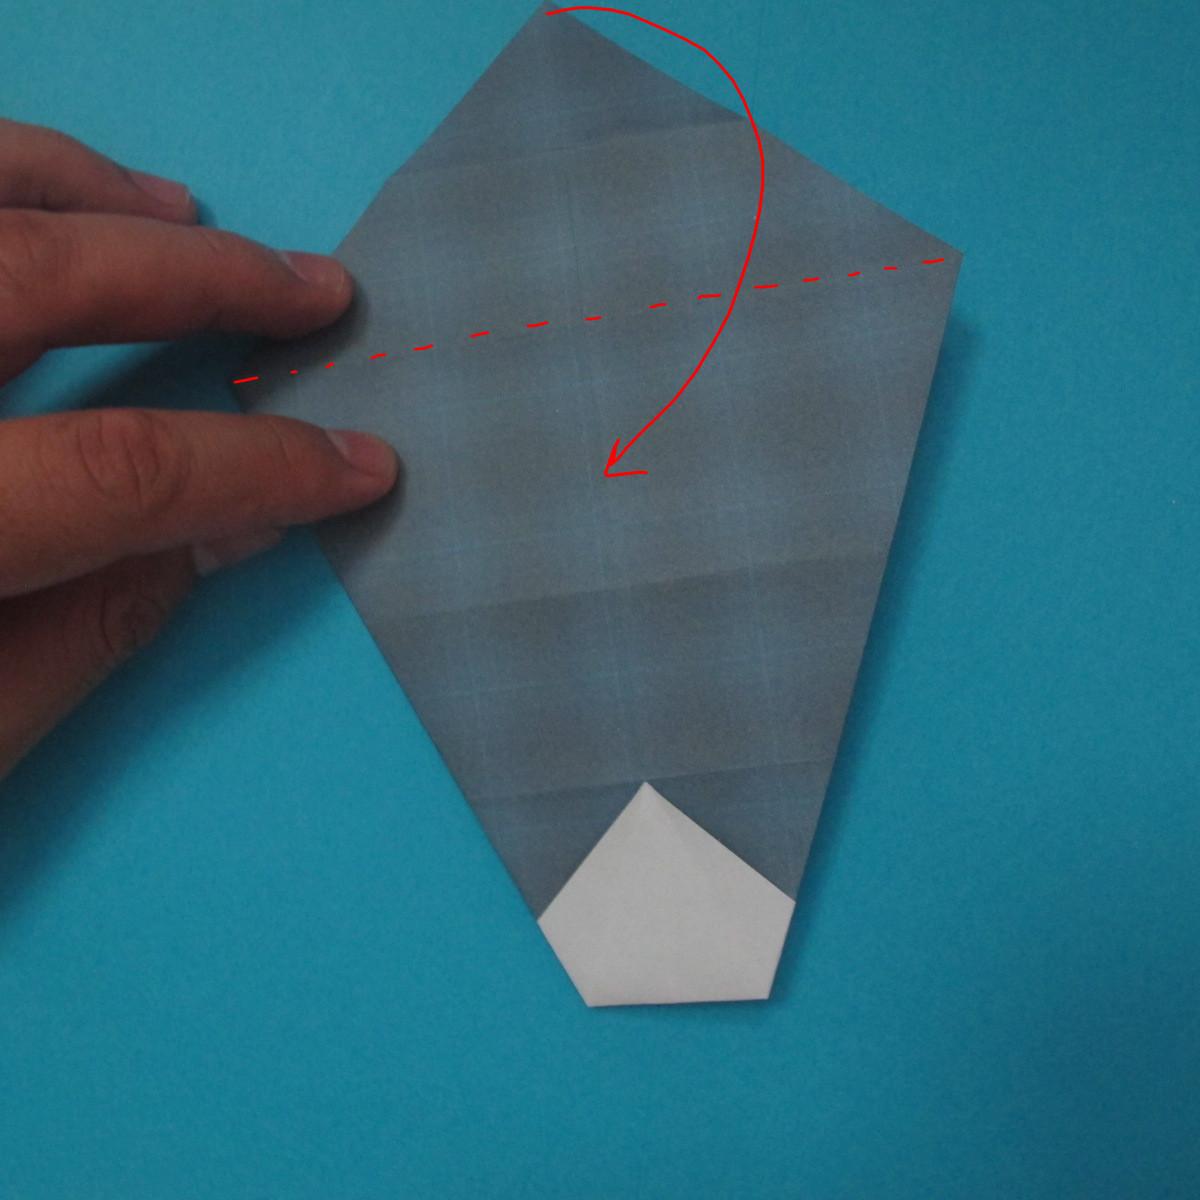 วิธีการพับกระดาษเป็นรูปนกเค้าแมว 009